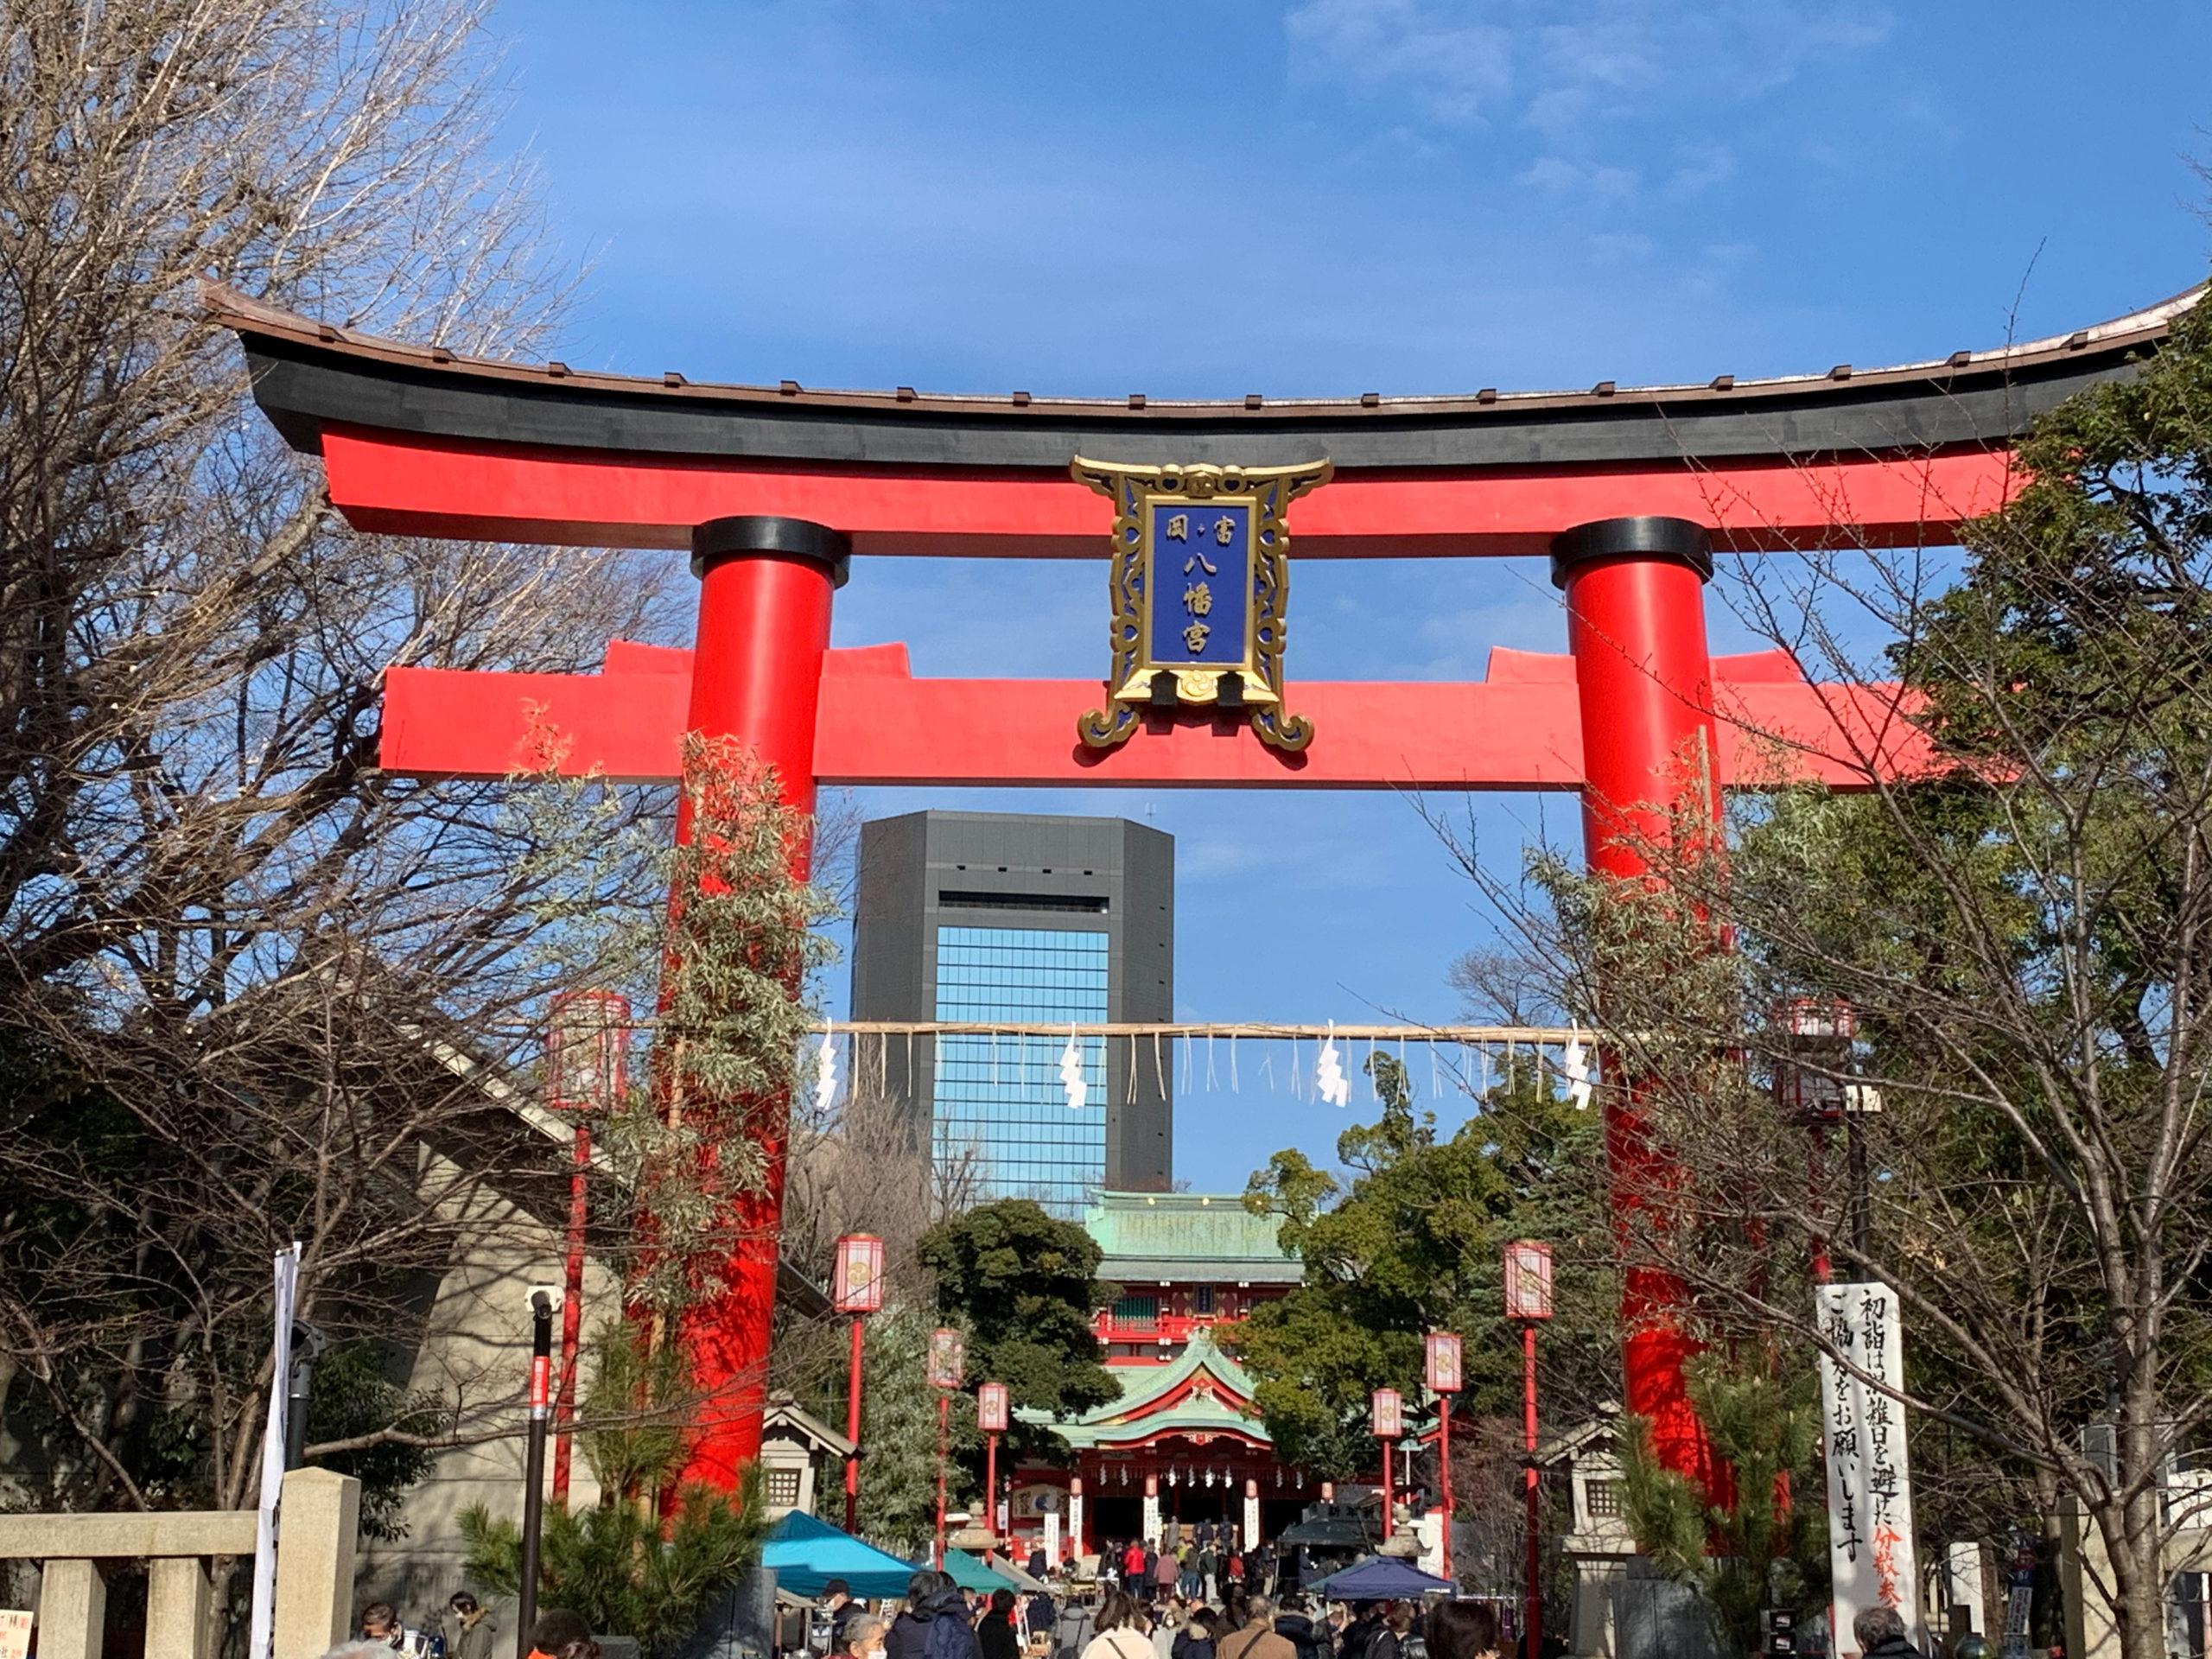 江東区深川の富岡八幡宮での初詣にあたって、新型コロナウイルスの対応状況を確認しましょう